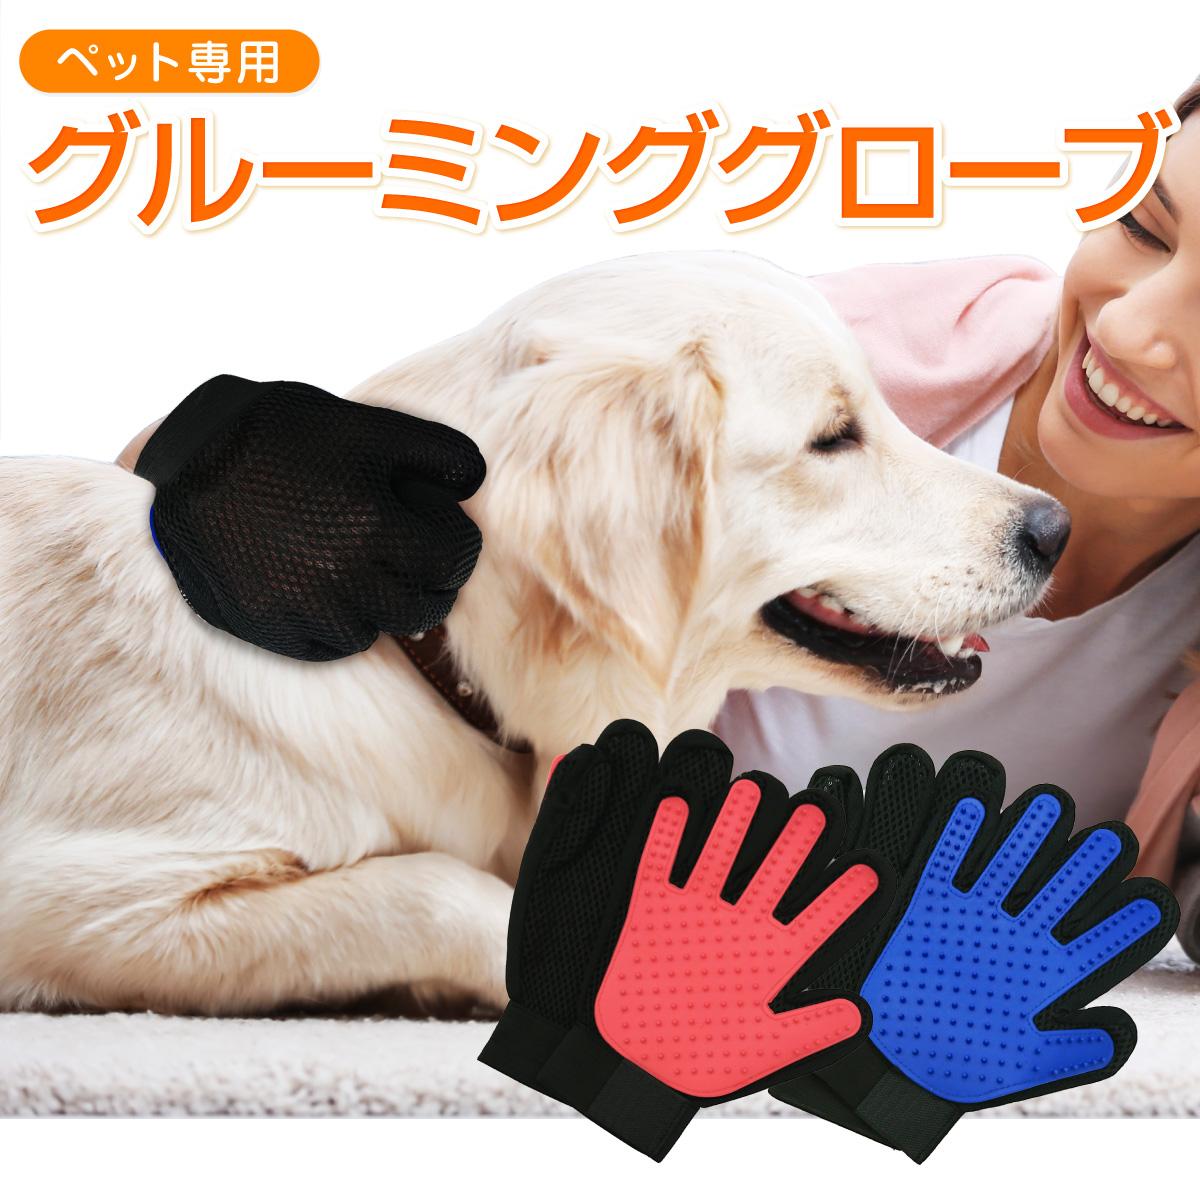 手袋をつけてなでるだけで簡単に毛を取る マッサージ ペット グルーミング グローブ 両手 抜け毛 お買得 防止 犬 猫 pet-gv グルーミンググローブ トリミング ペット用品 最安値挑戦 ブラシ